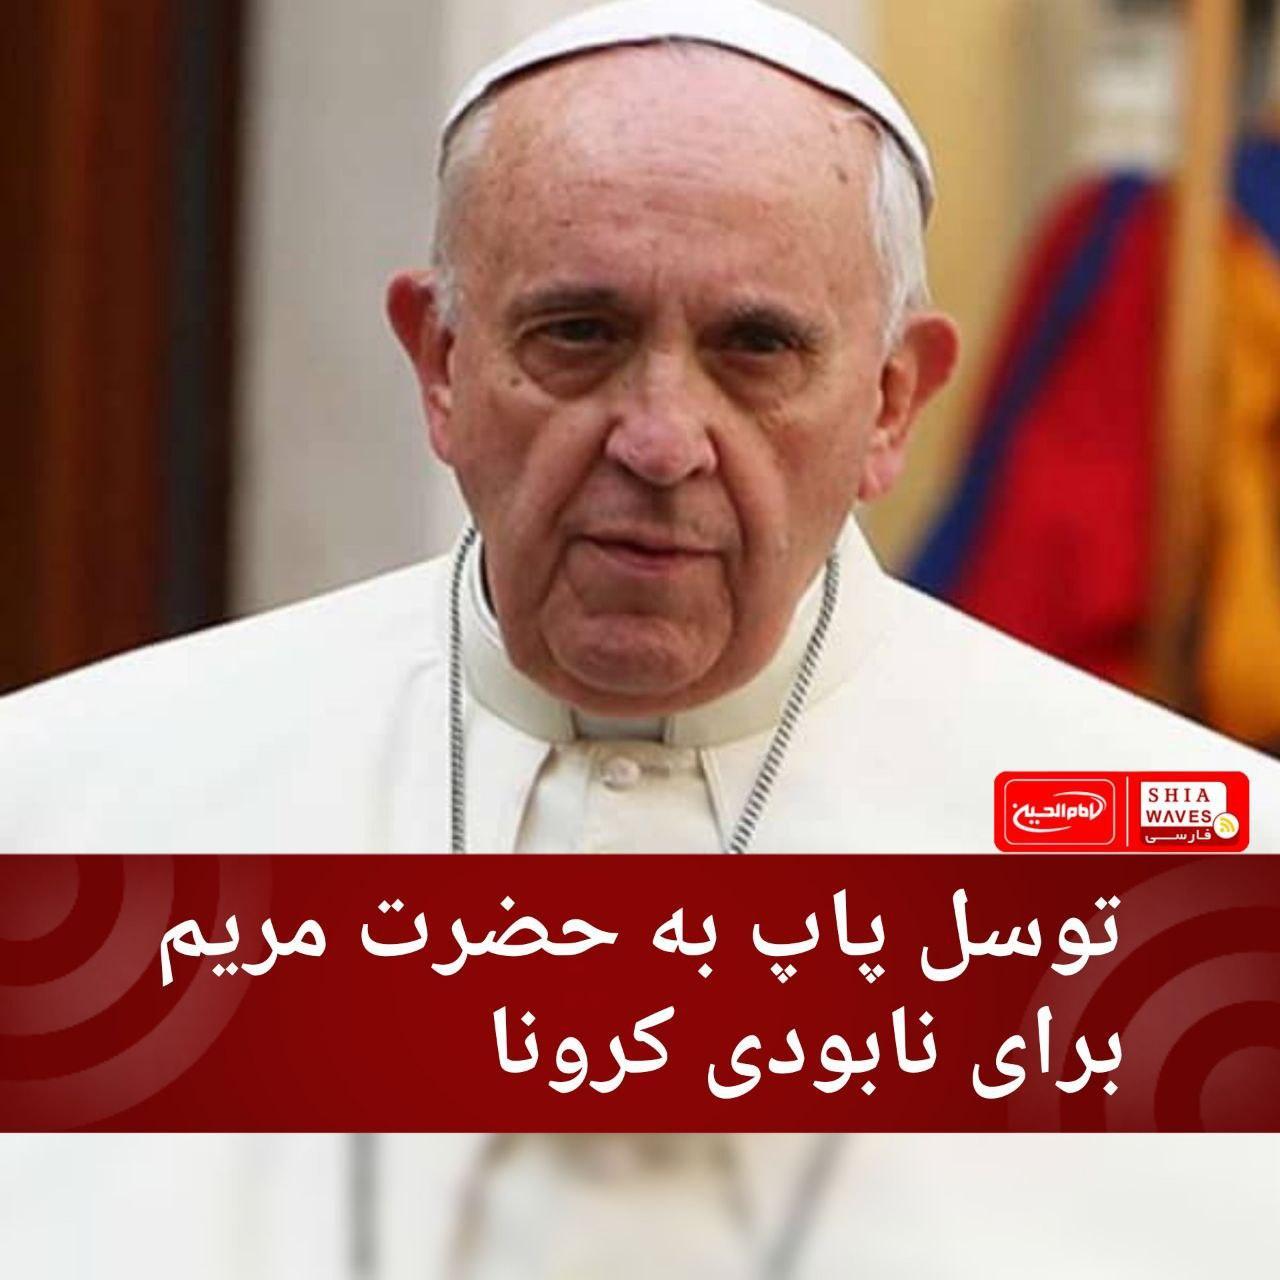 تصویر توسل پاپ به حضرت مریم برای نابودی کرونا